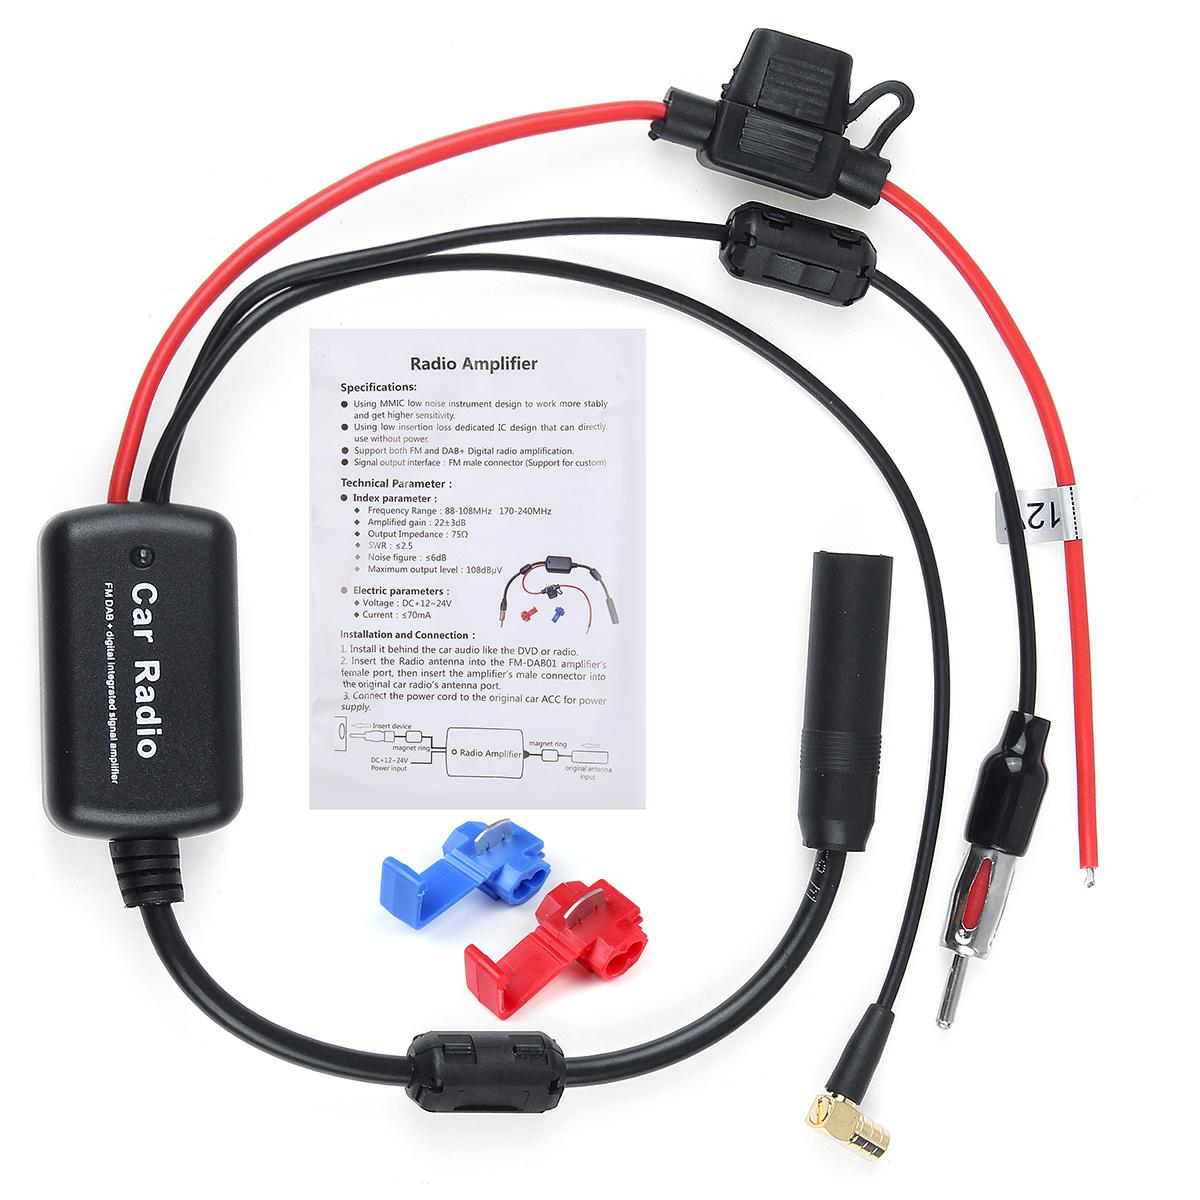 Универсальный кабель DAB + FM Авто Антенна Разветвитель антенны Цифровой Радио Усилитель - фото 8